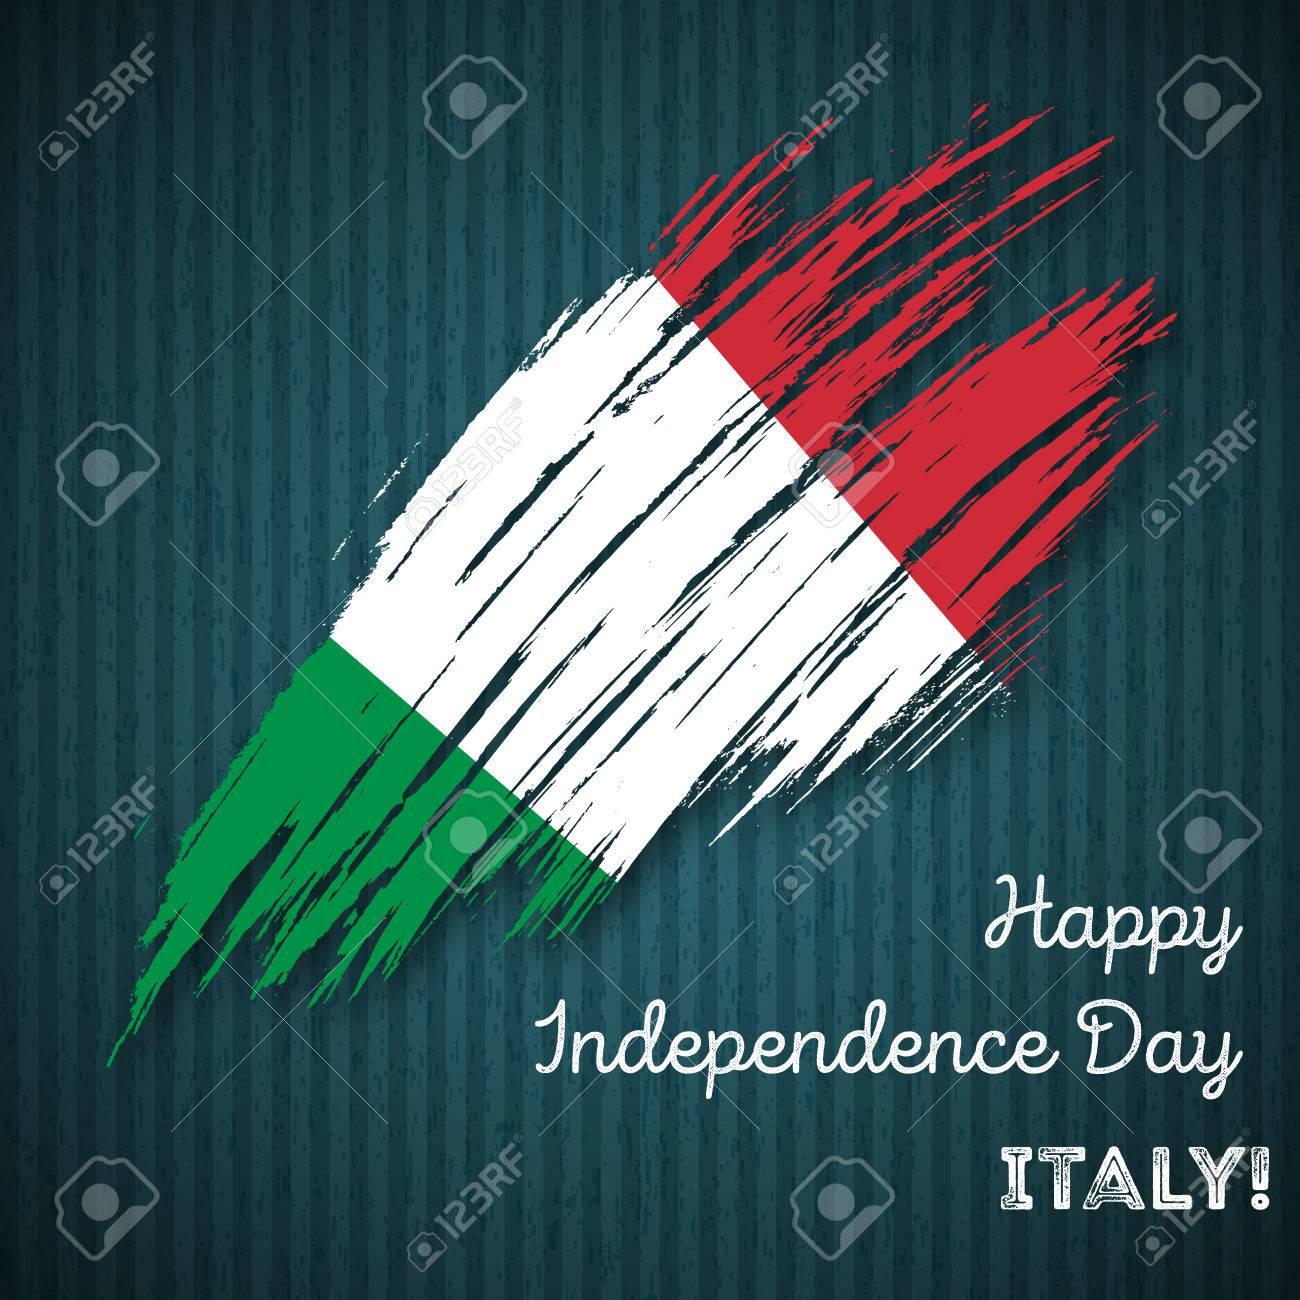 Carte Bonne Fete En Italien.Conception Patriotique De L Independance De L Italie Coupe De